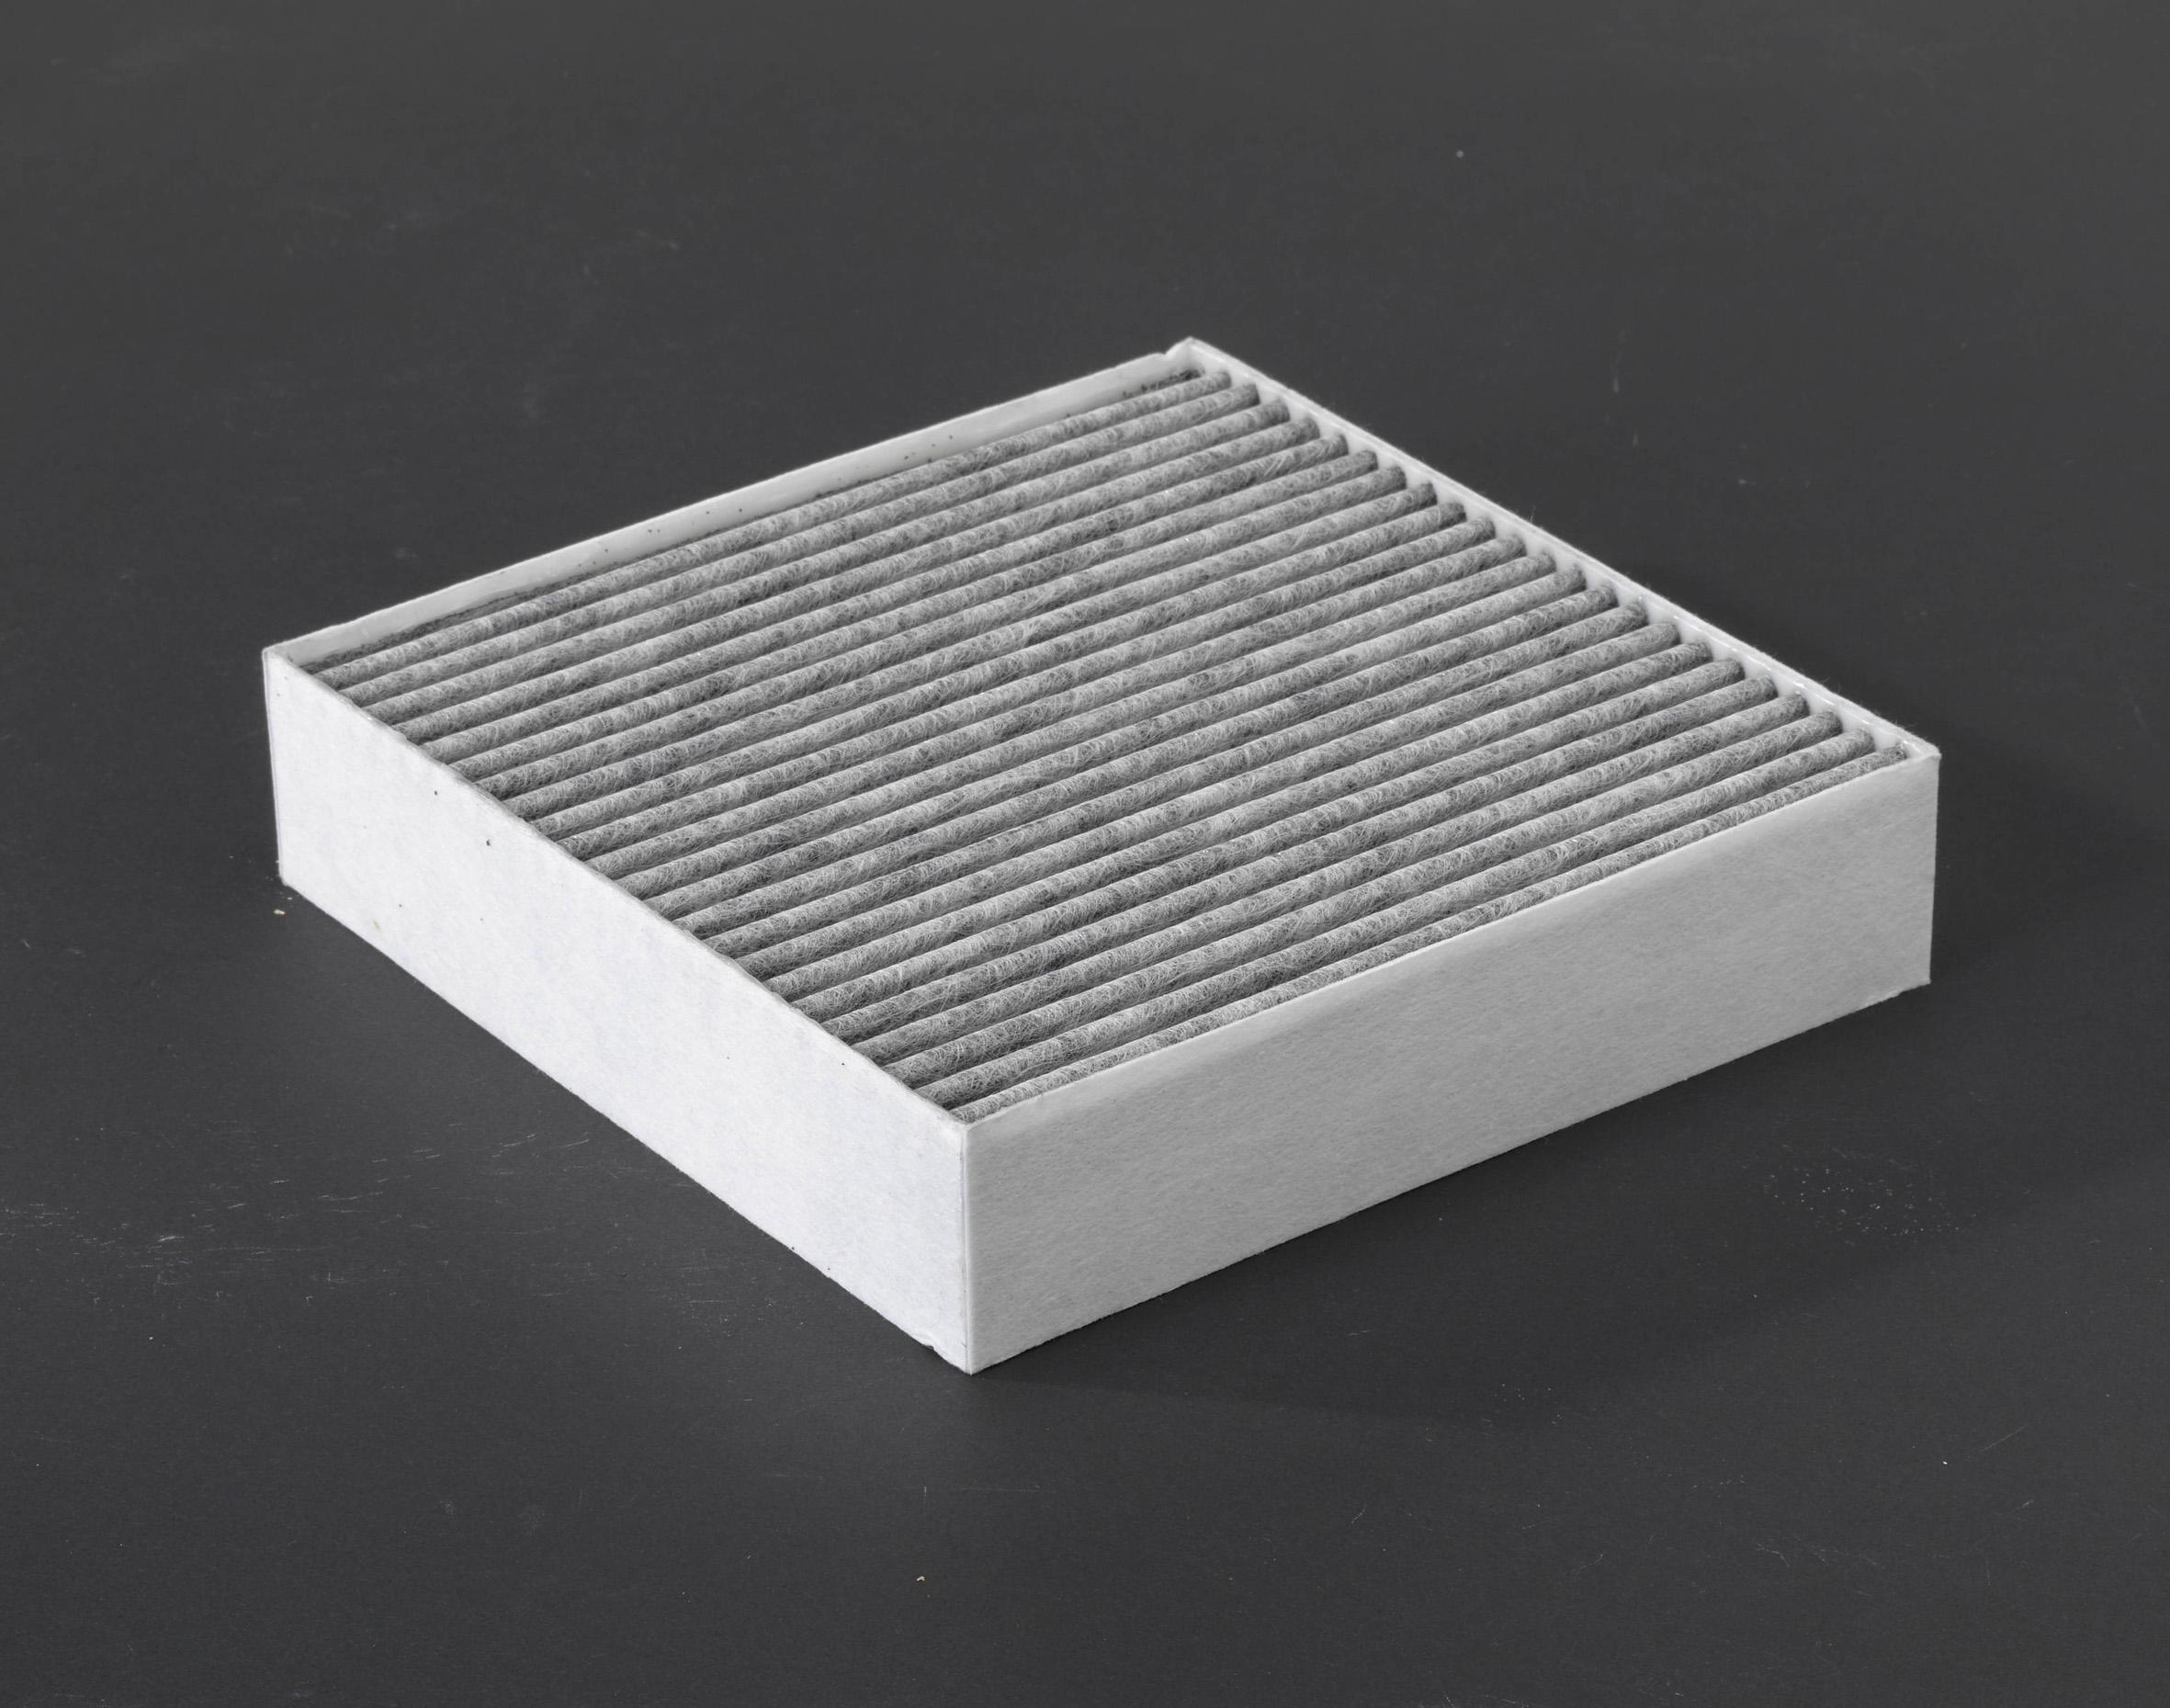 Regenerativer Profi-Aktivkohle-Filter wird einfach alle drei bis sechs Monate in der Spülmaschine gereinigt